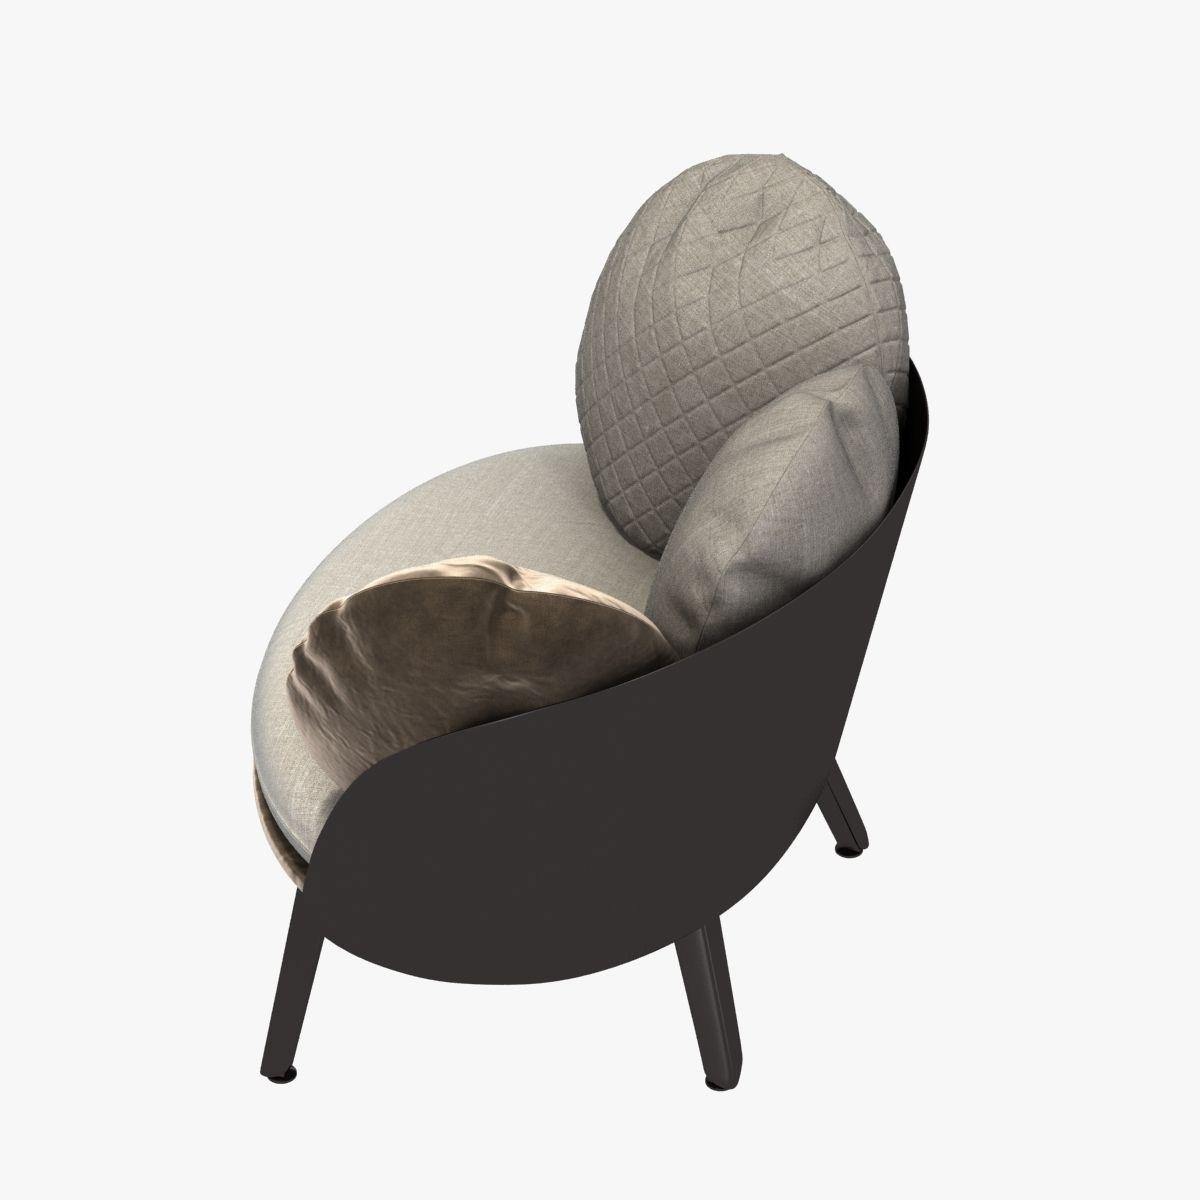 ... Nubilo Chair By Petite Furniture 3d Model Max Obj 3ds Fbx Mtl 3 ...